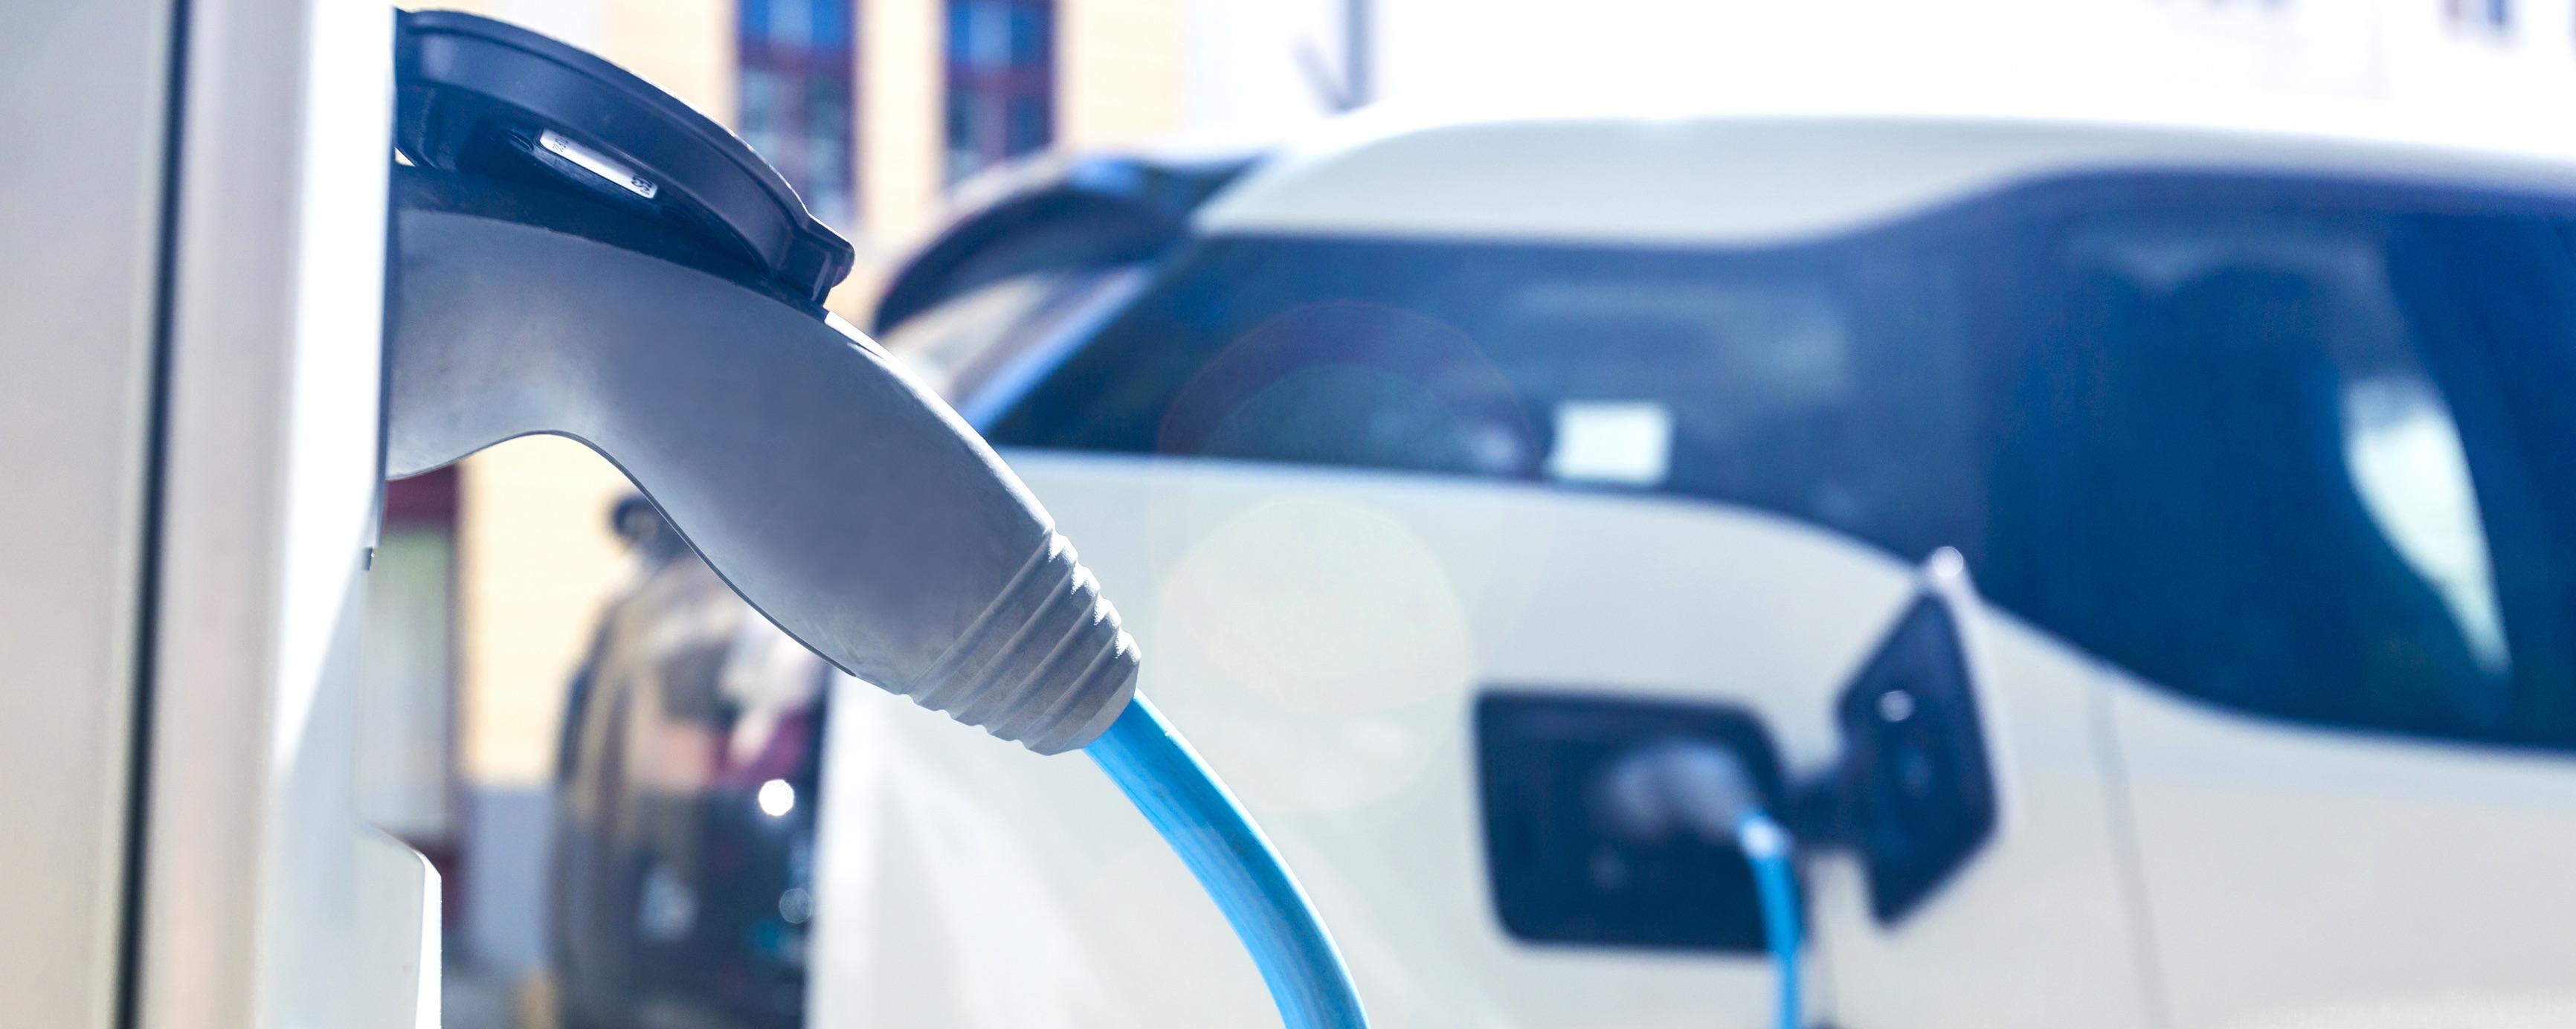 Elektrische Auto Opladen Op Vakantie In Het Buitenland Leaseblog Nl